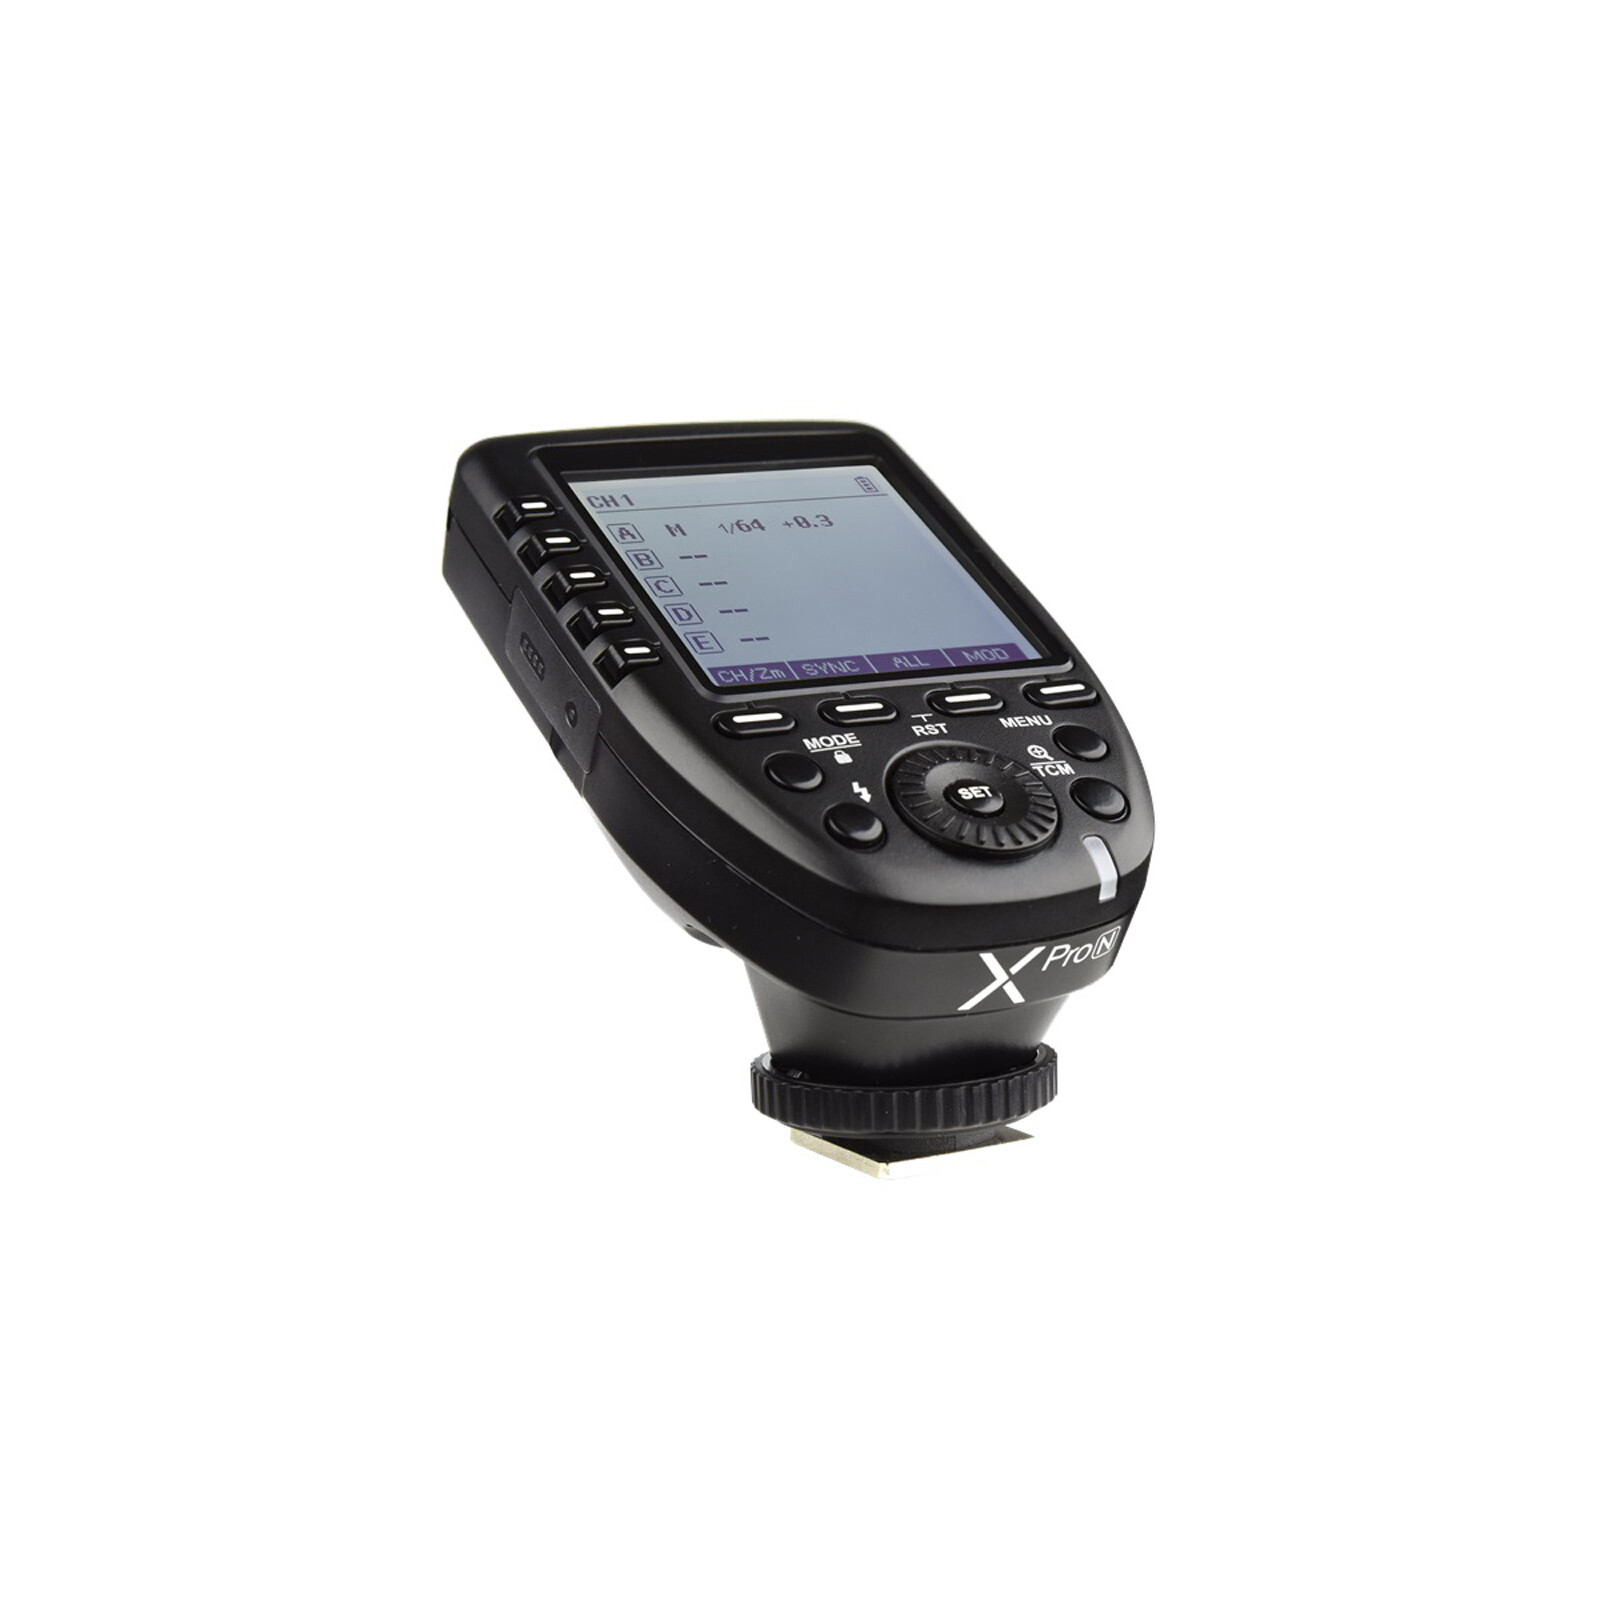 GODOX XPRO-N TTL Wireless Flash Trigger Nikon